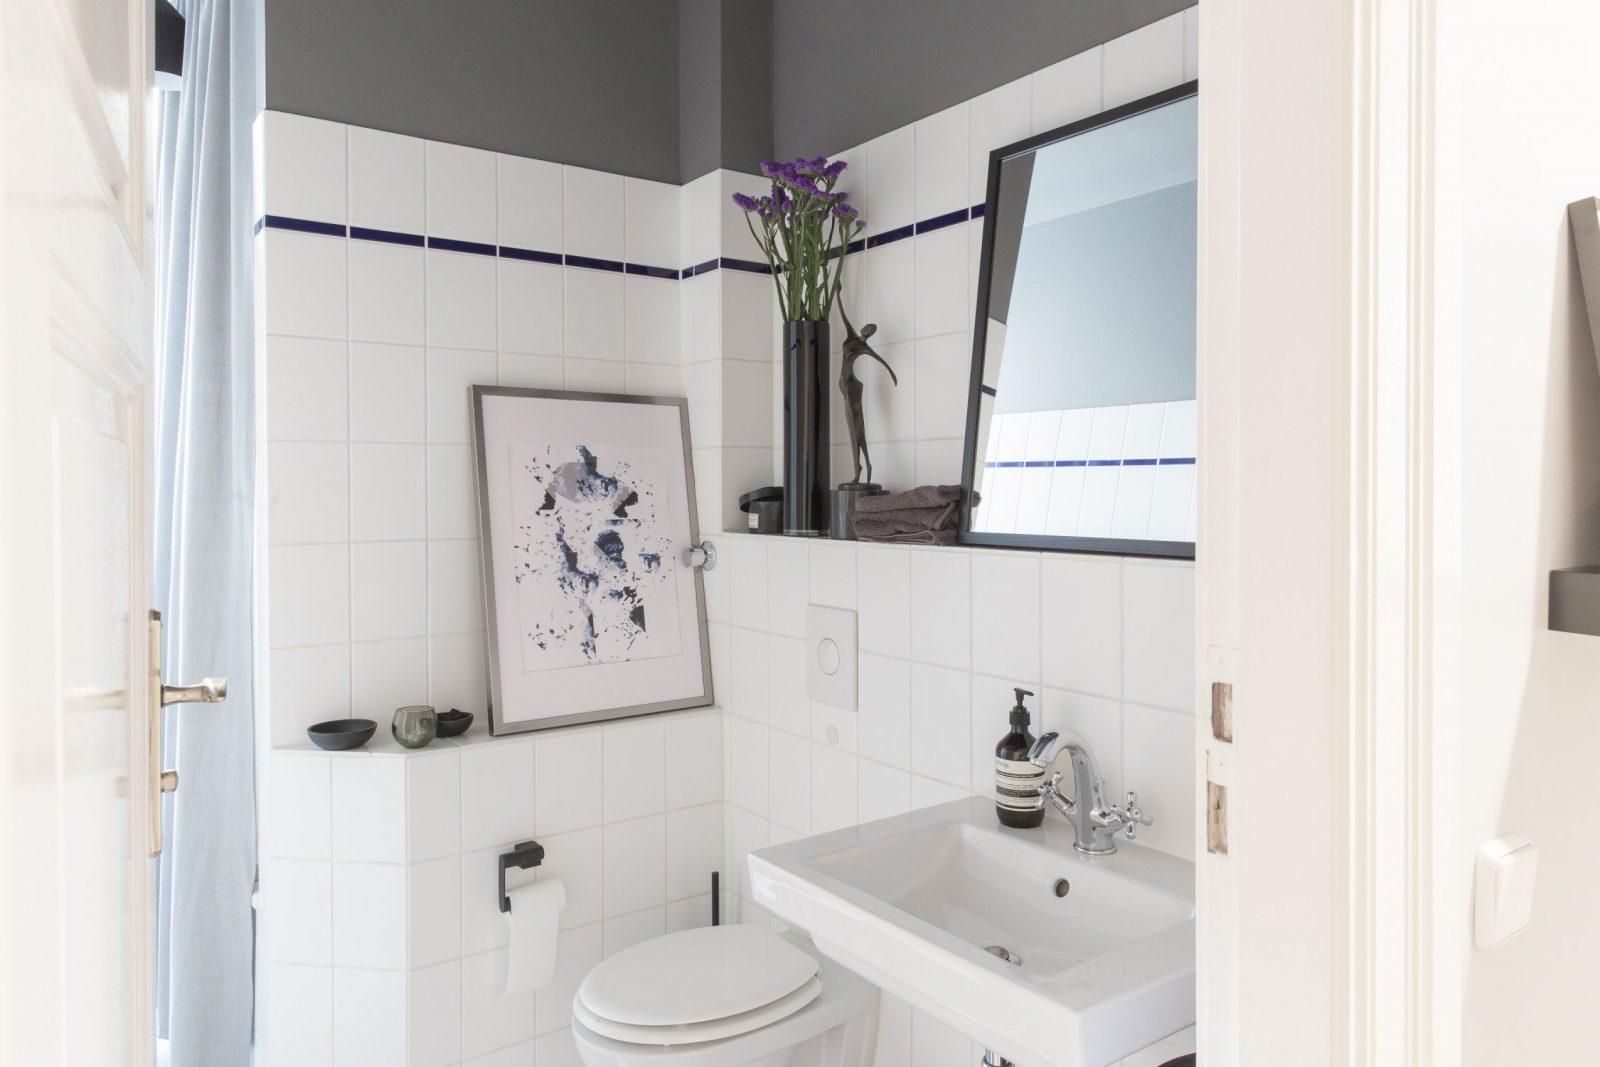 Wasserabweisende Farbe Für Dusche  Die Schönsten Einrichtungsideen von Wasserabweisende Farbe Für Dusche Photo